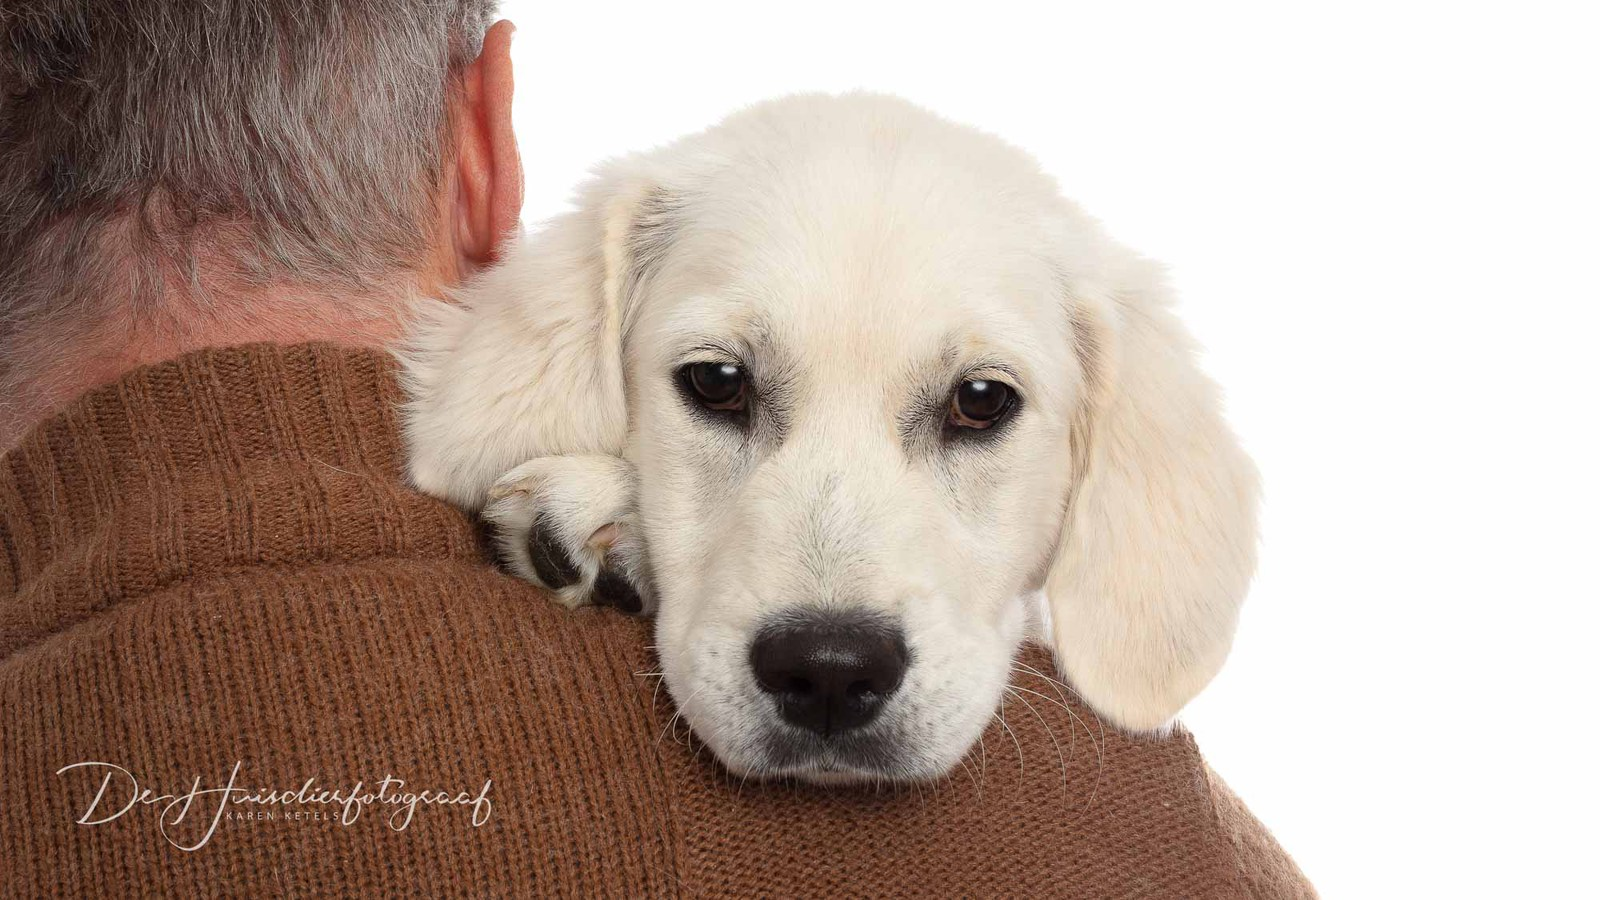 Portret van een witte golden retriever pup op de arm van haar groten mensenvriend. Door De Huisdierfotograaf